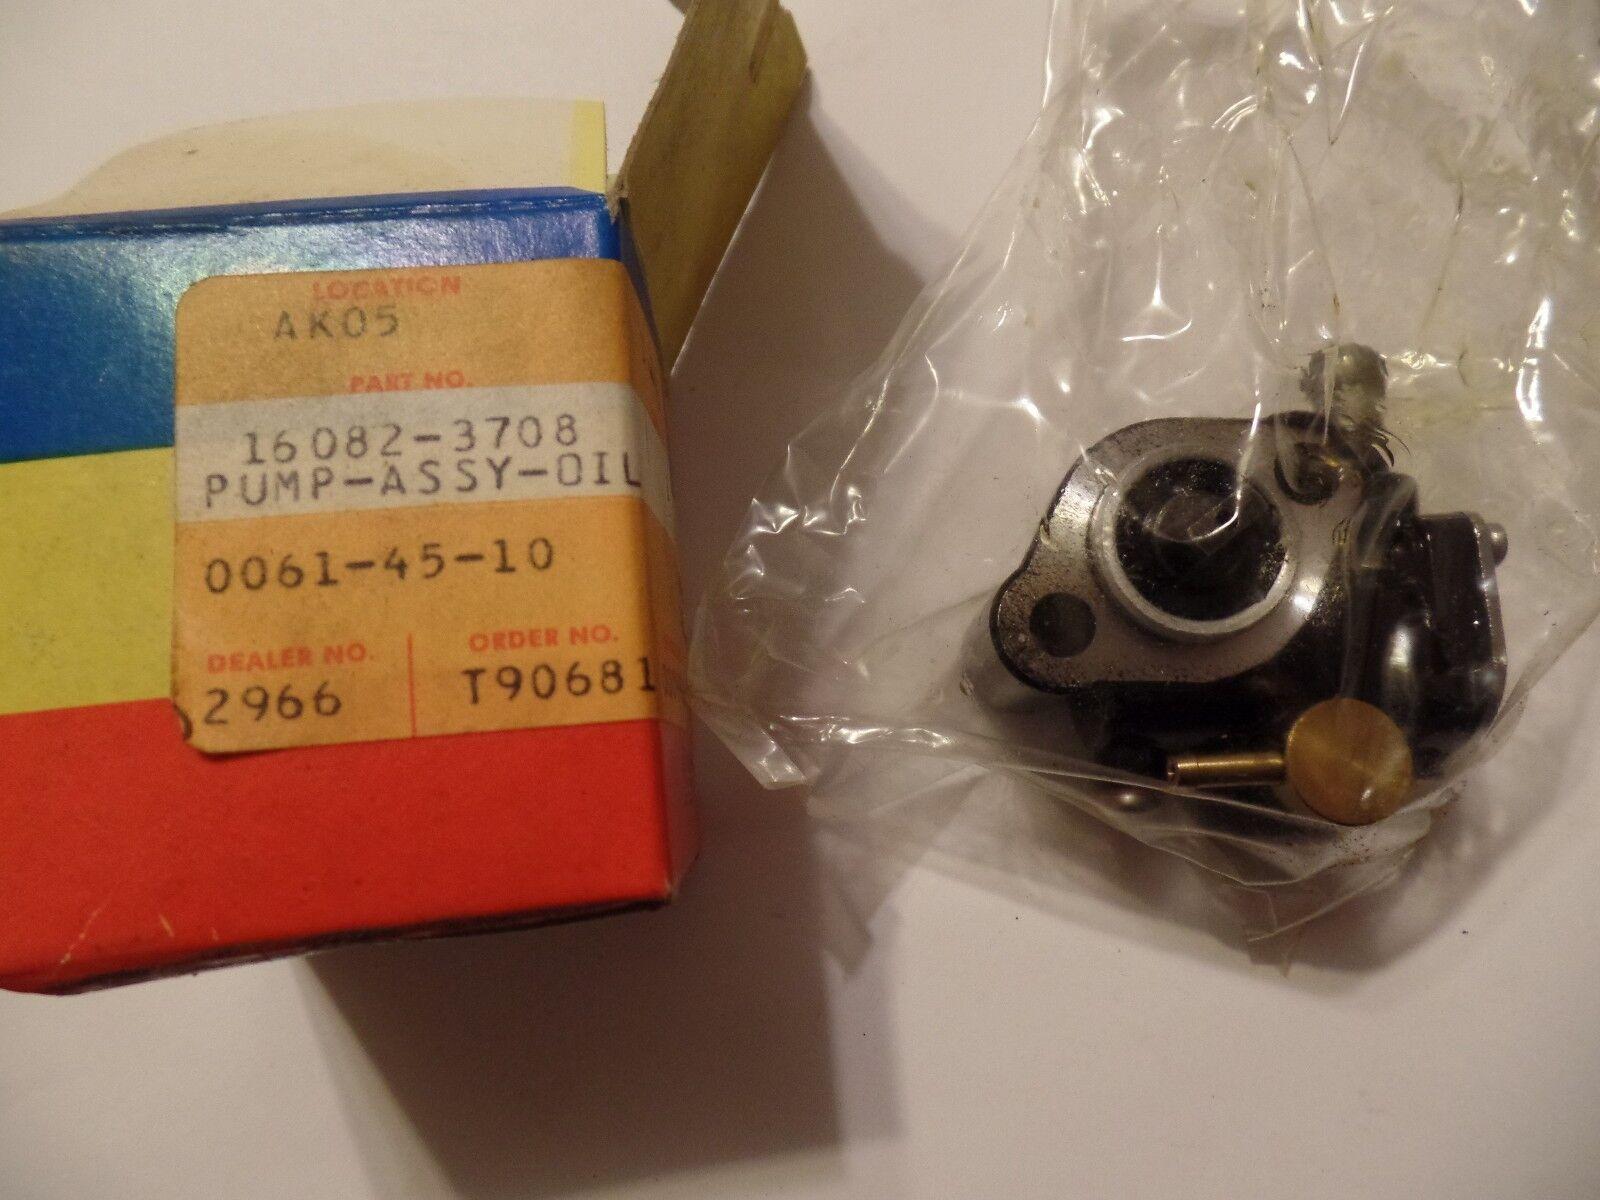 Nos Kawasaki Ölpumpe Montage JS650 JF650 Js Jf 650 88 16082-3708